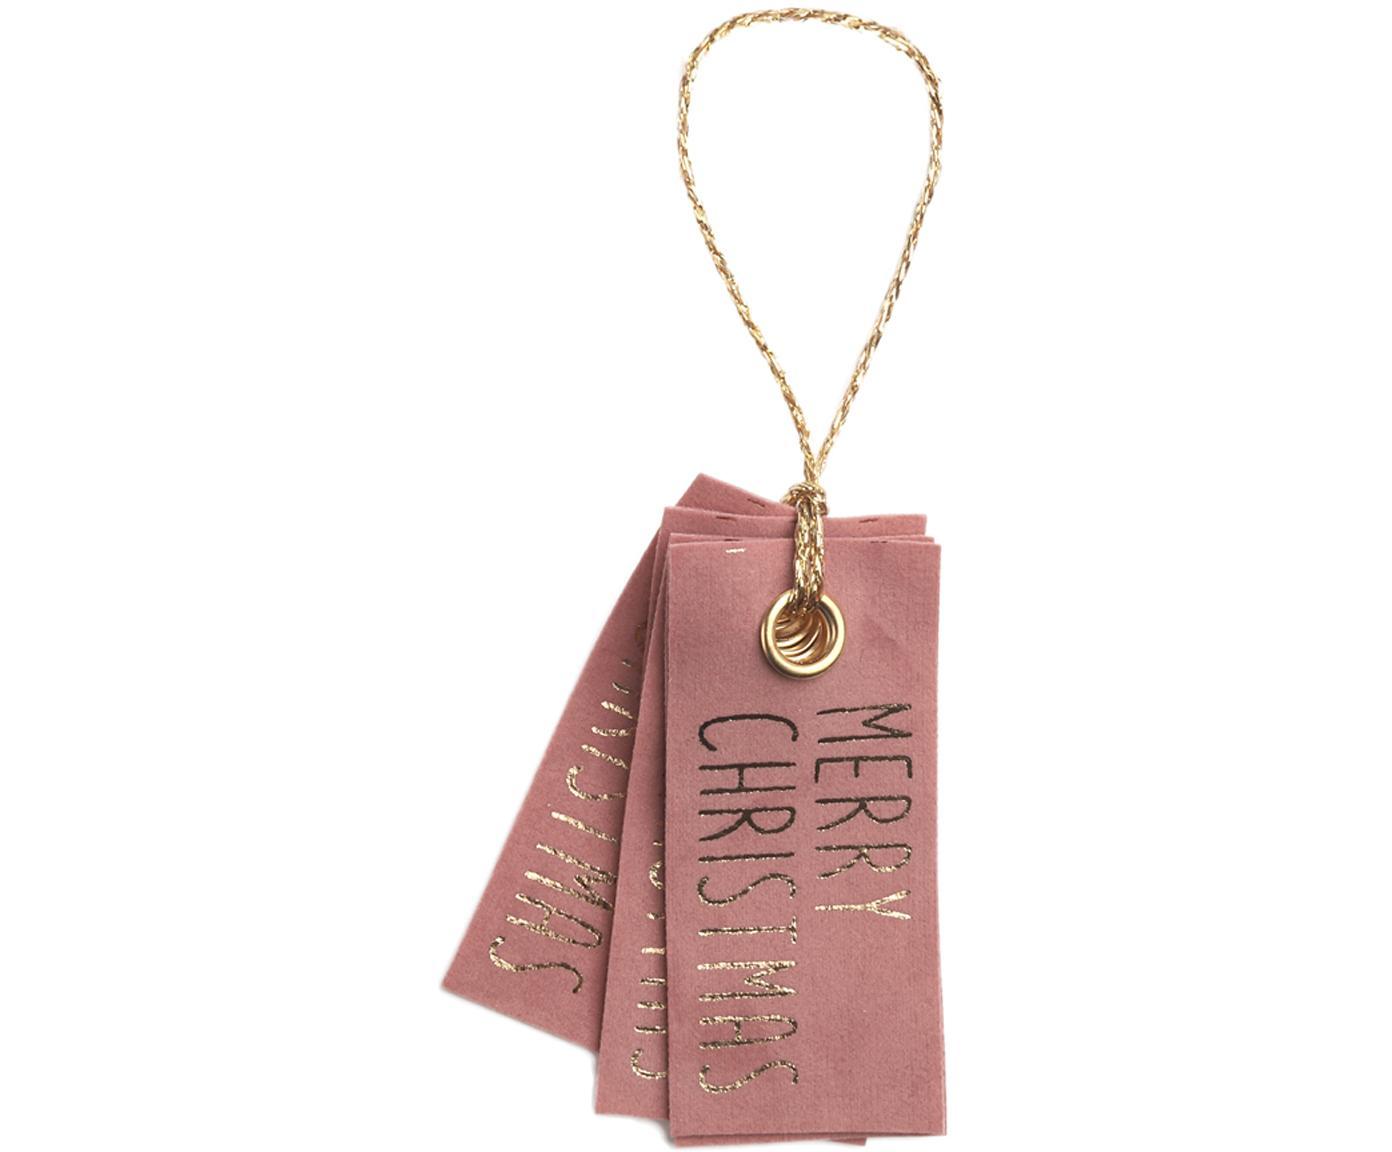 Etiquetas para regalo Vellu, 6uds., 50%poliéster, 40%rayón, 10%adhesivo, Rosa, dorado, An 3 x Al 7 cm